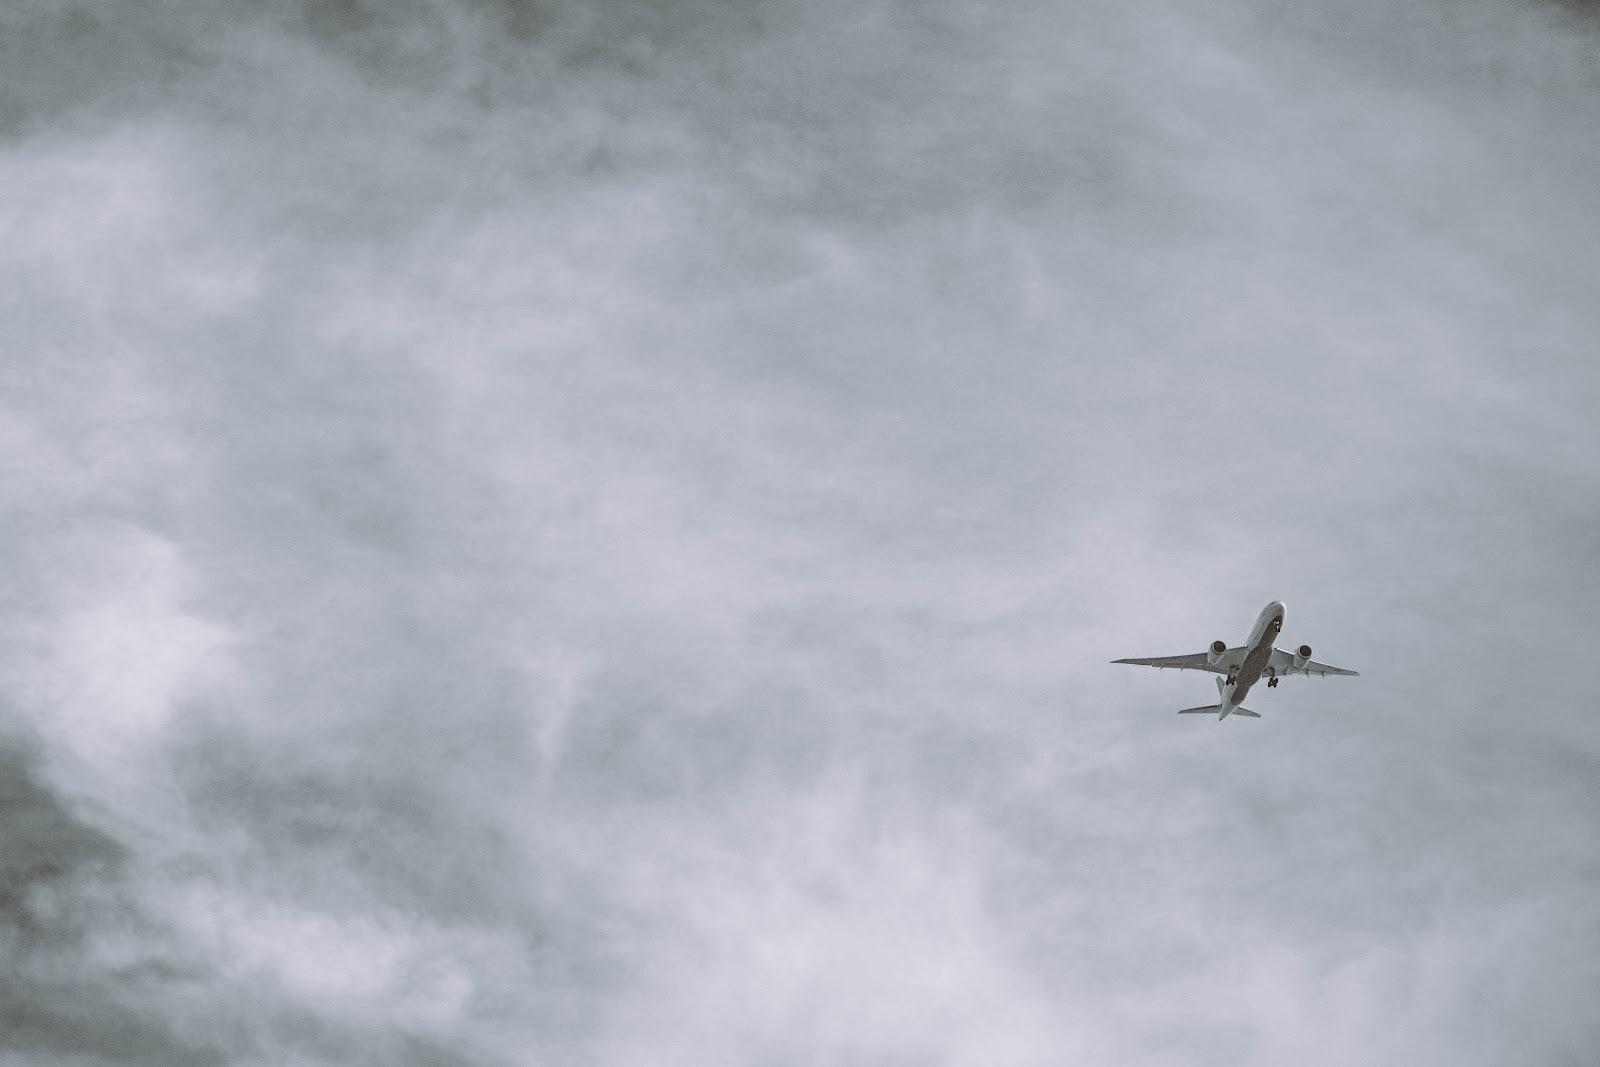 Flugzeug vor grauhem Himmel